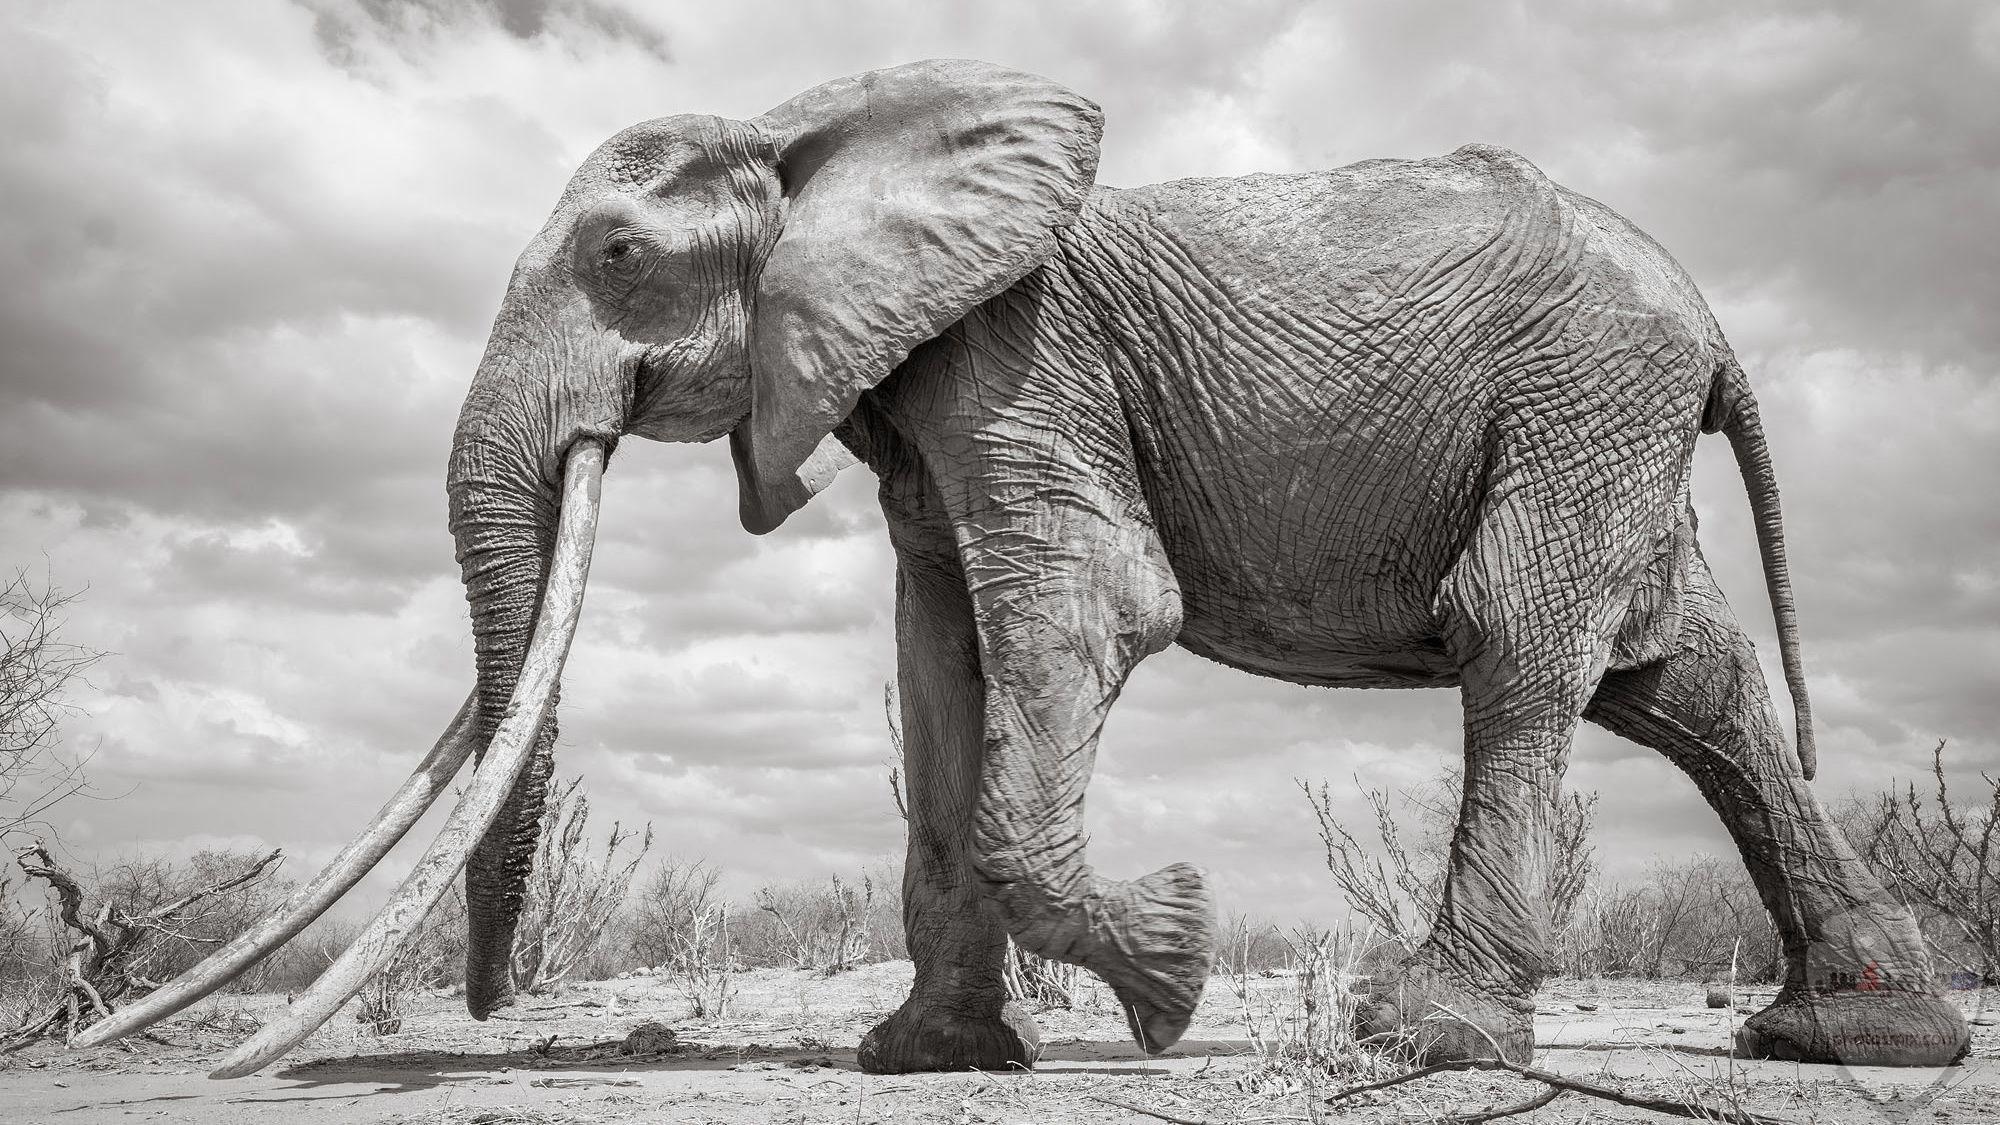 صور وخلفيات الفيل ومعلومات كاملة عن الفيل 31 1